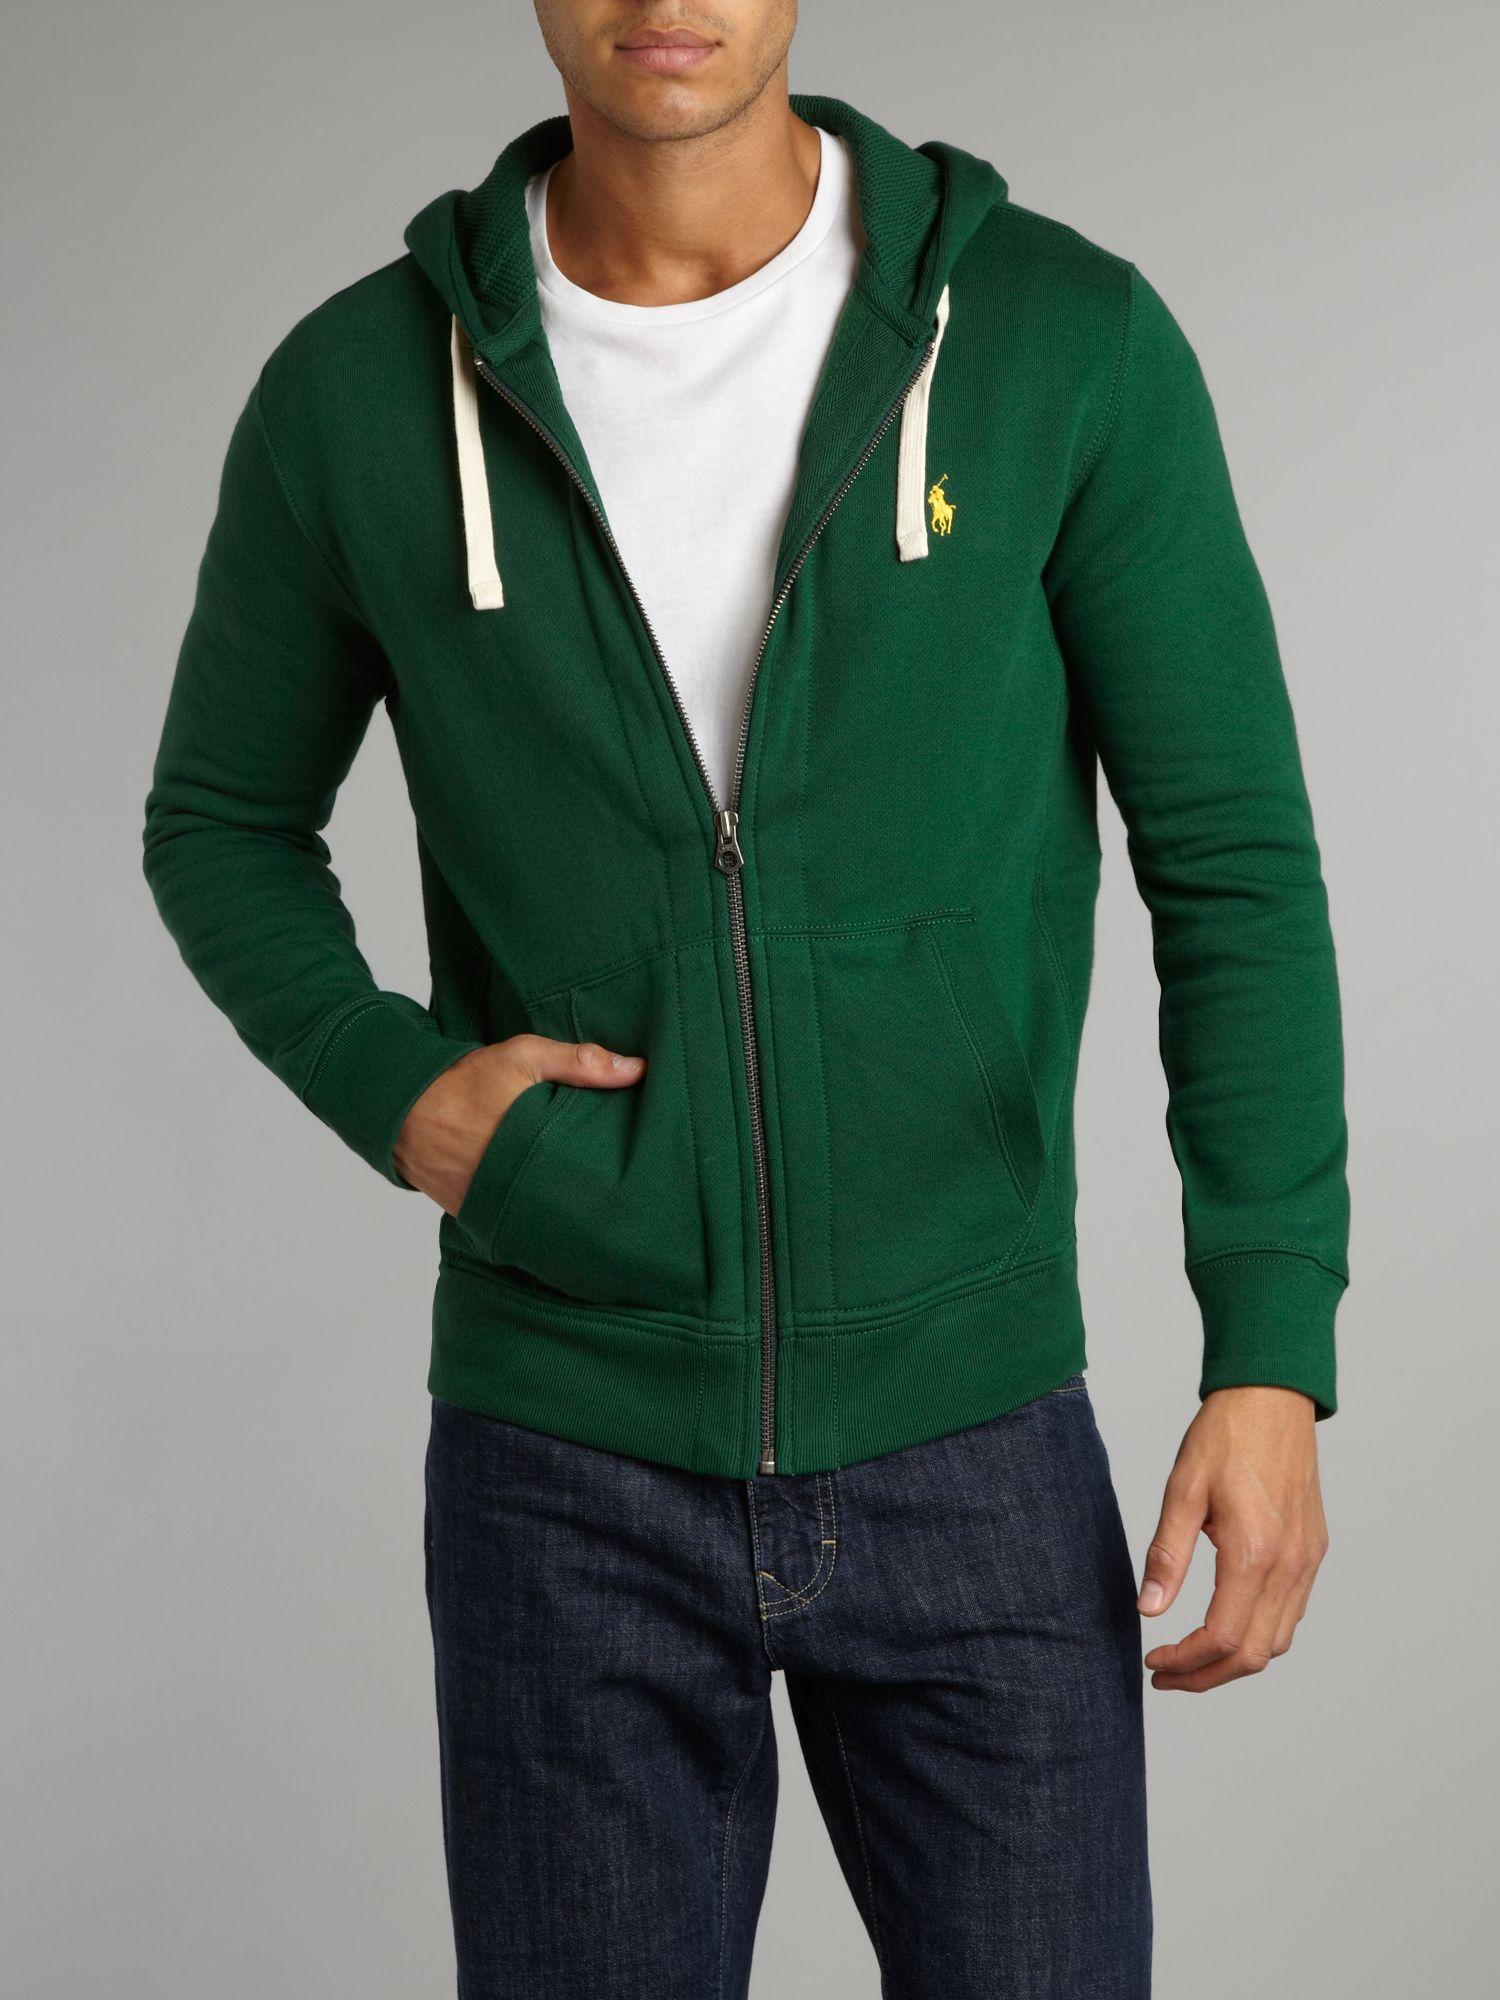 Ralph Lauren Polo Green Zip Hooded Sweatshirt